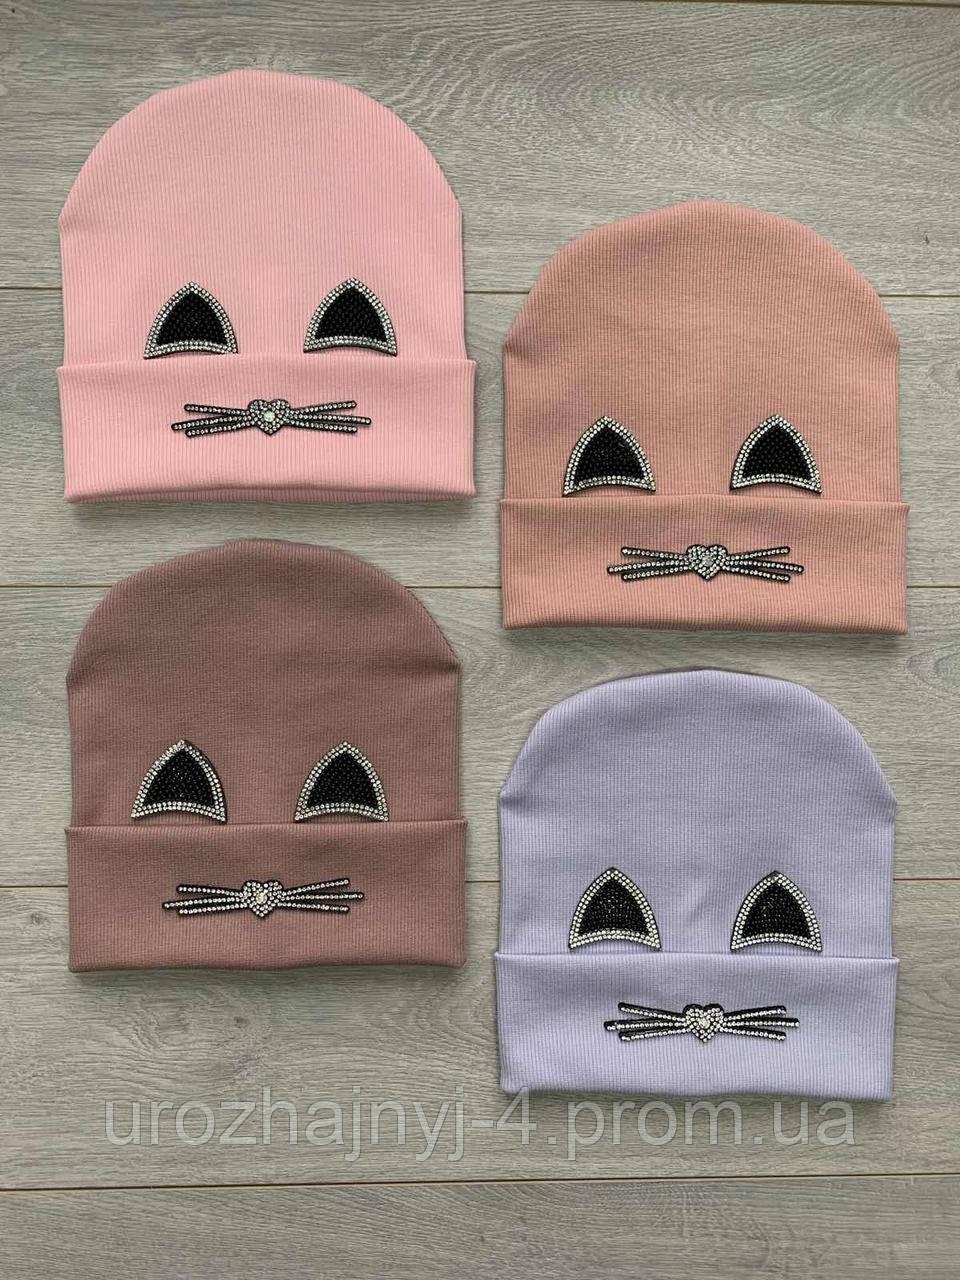 Трикотажная шапка на подкладке х/б размер 48-50 упаковка 4шт